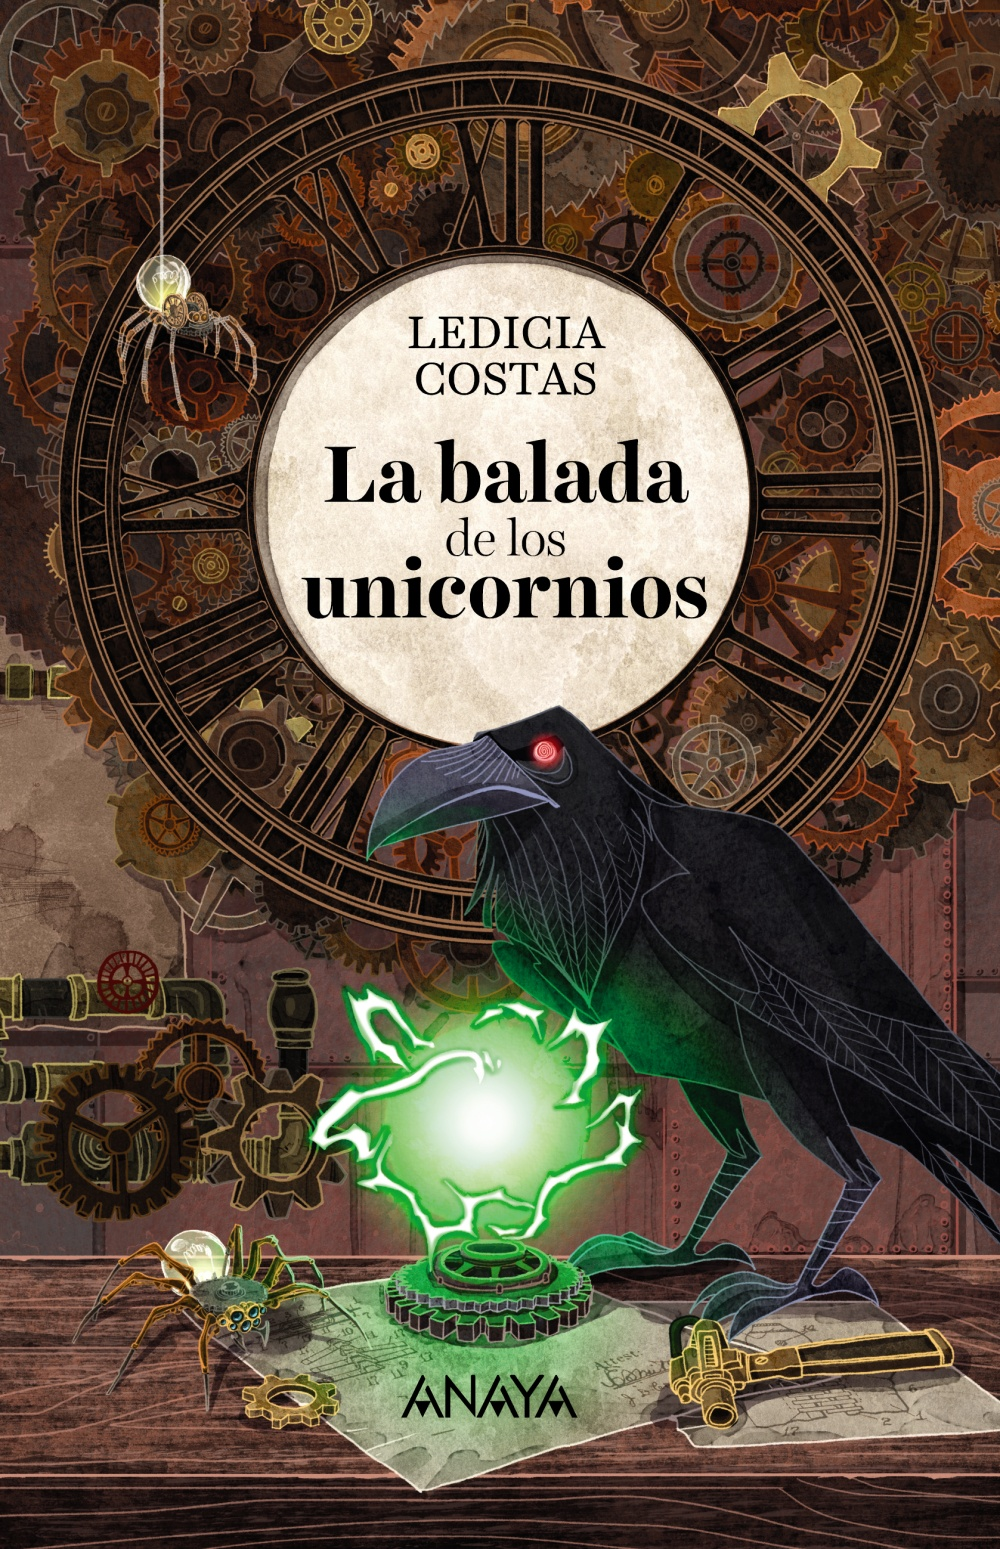 Resultado de imagen de La balada de los unicornios, Ledicia Costas